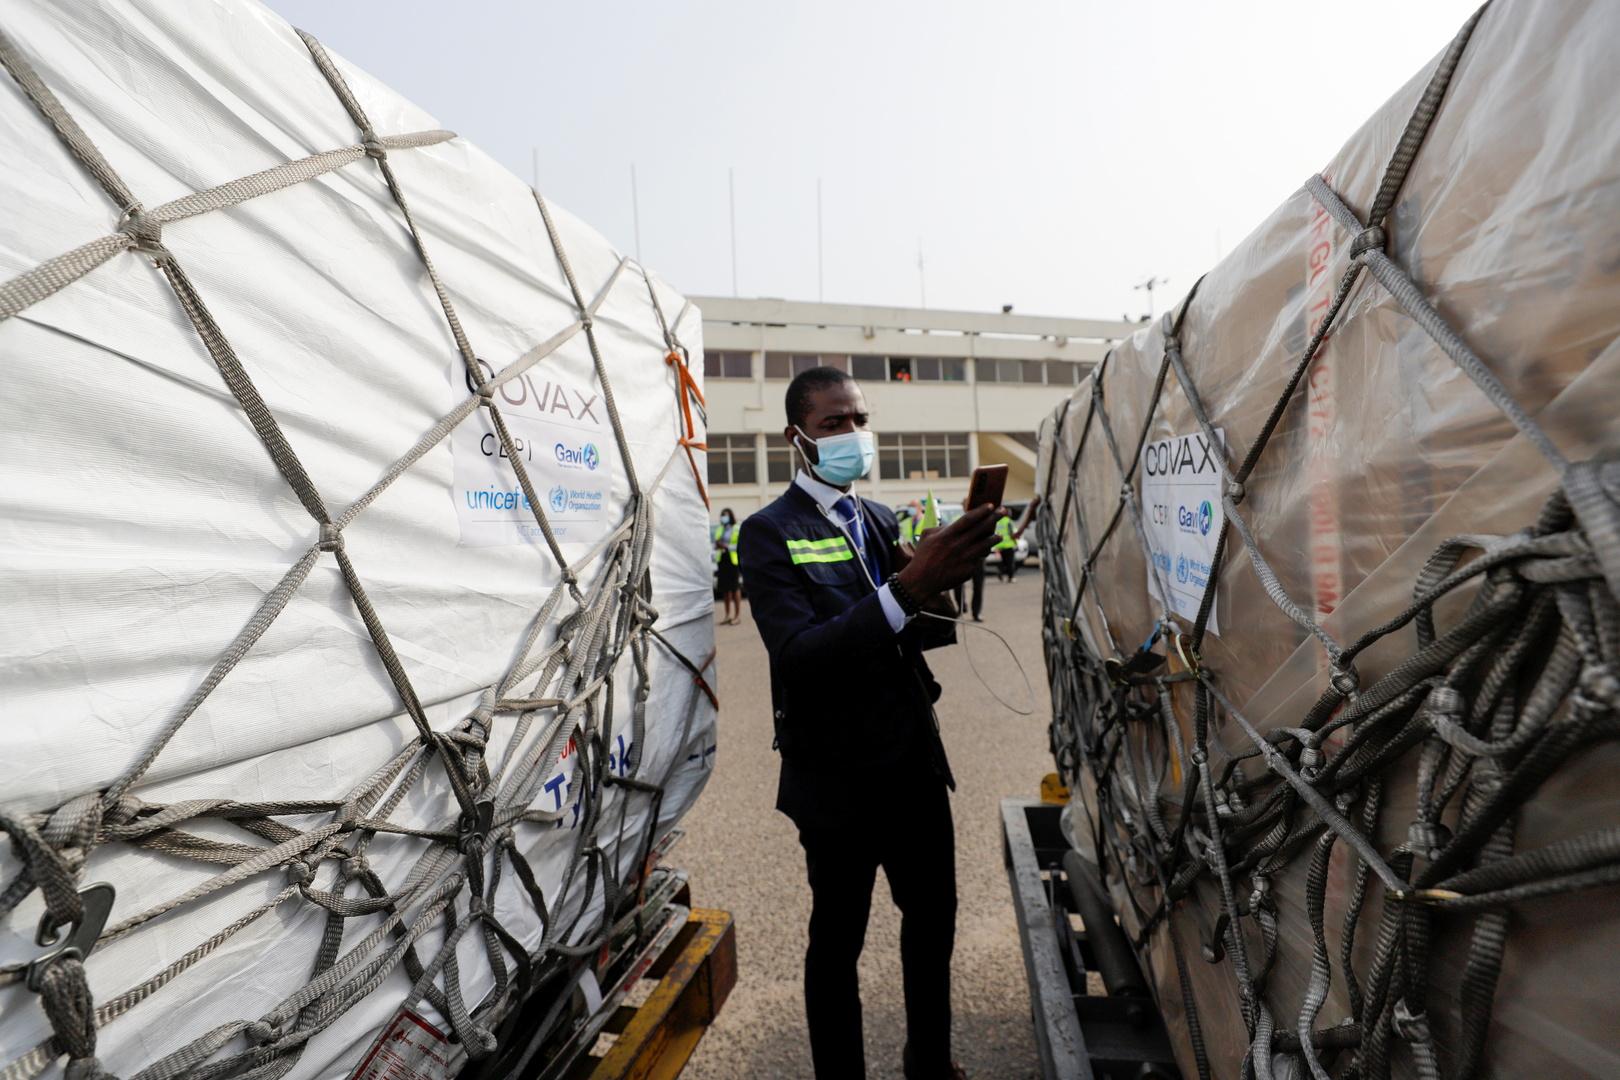 غانا.. أول بلد يتسلم شحنة من اللقاحات التي توفرها